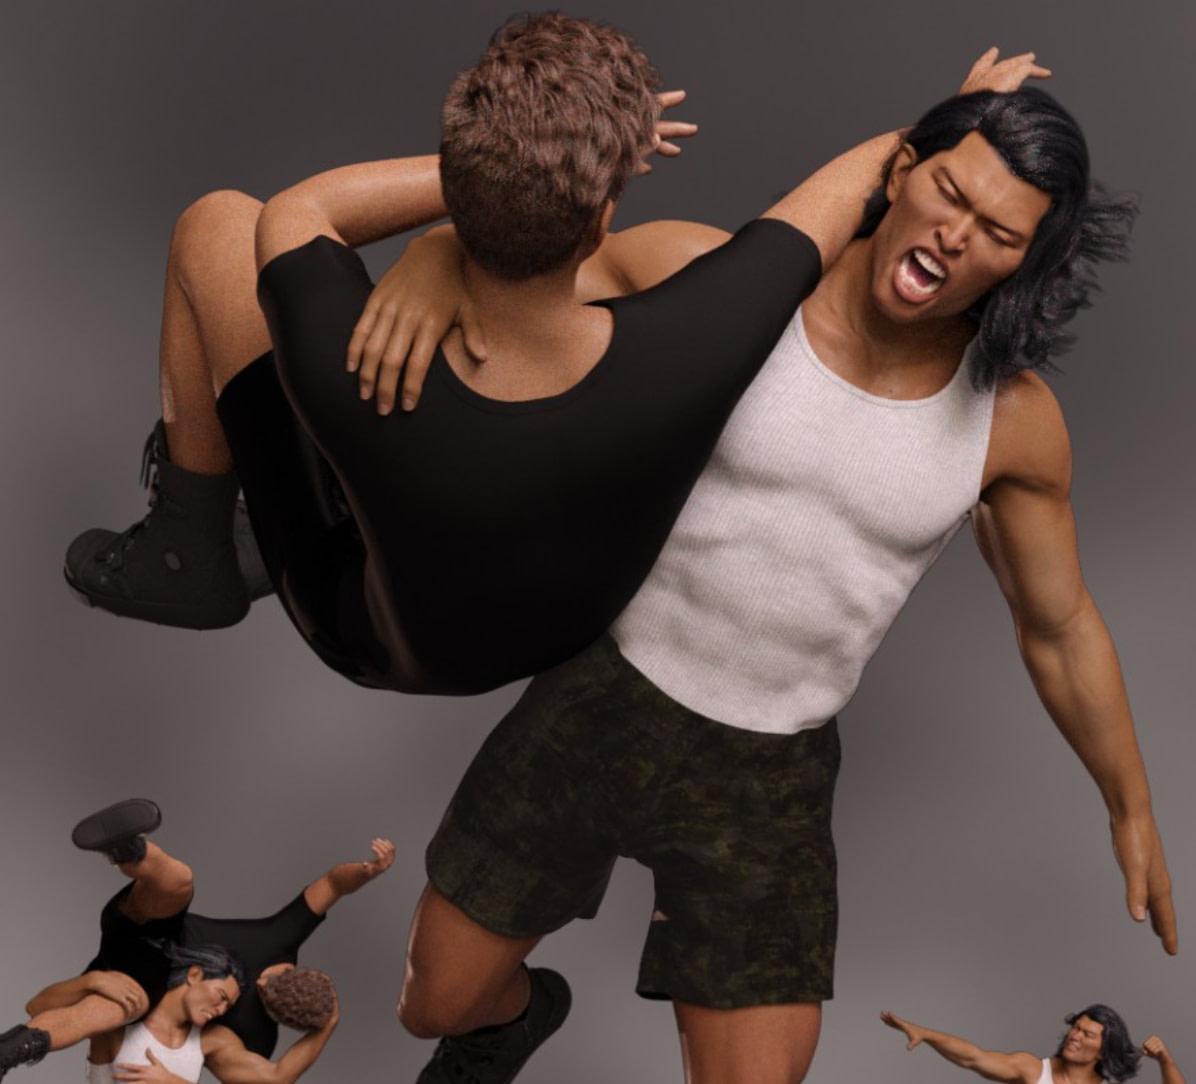 daz3d pro wrestler moves